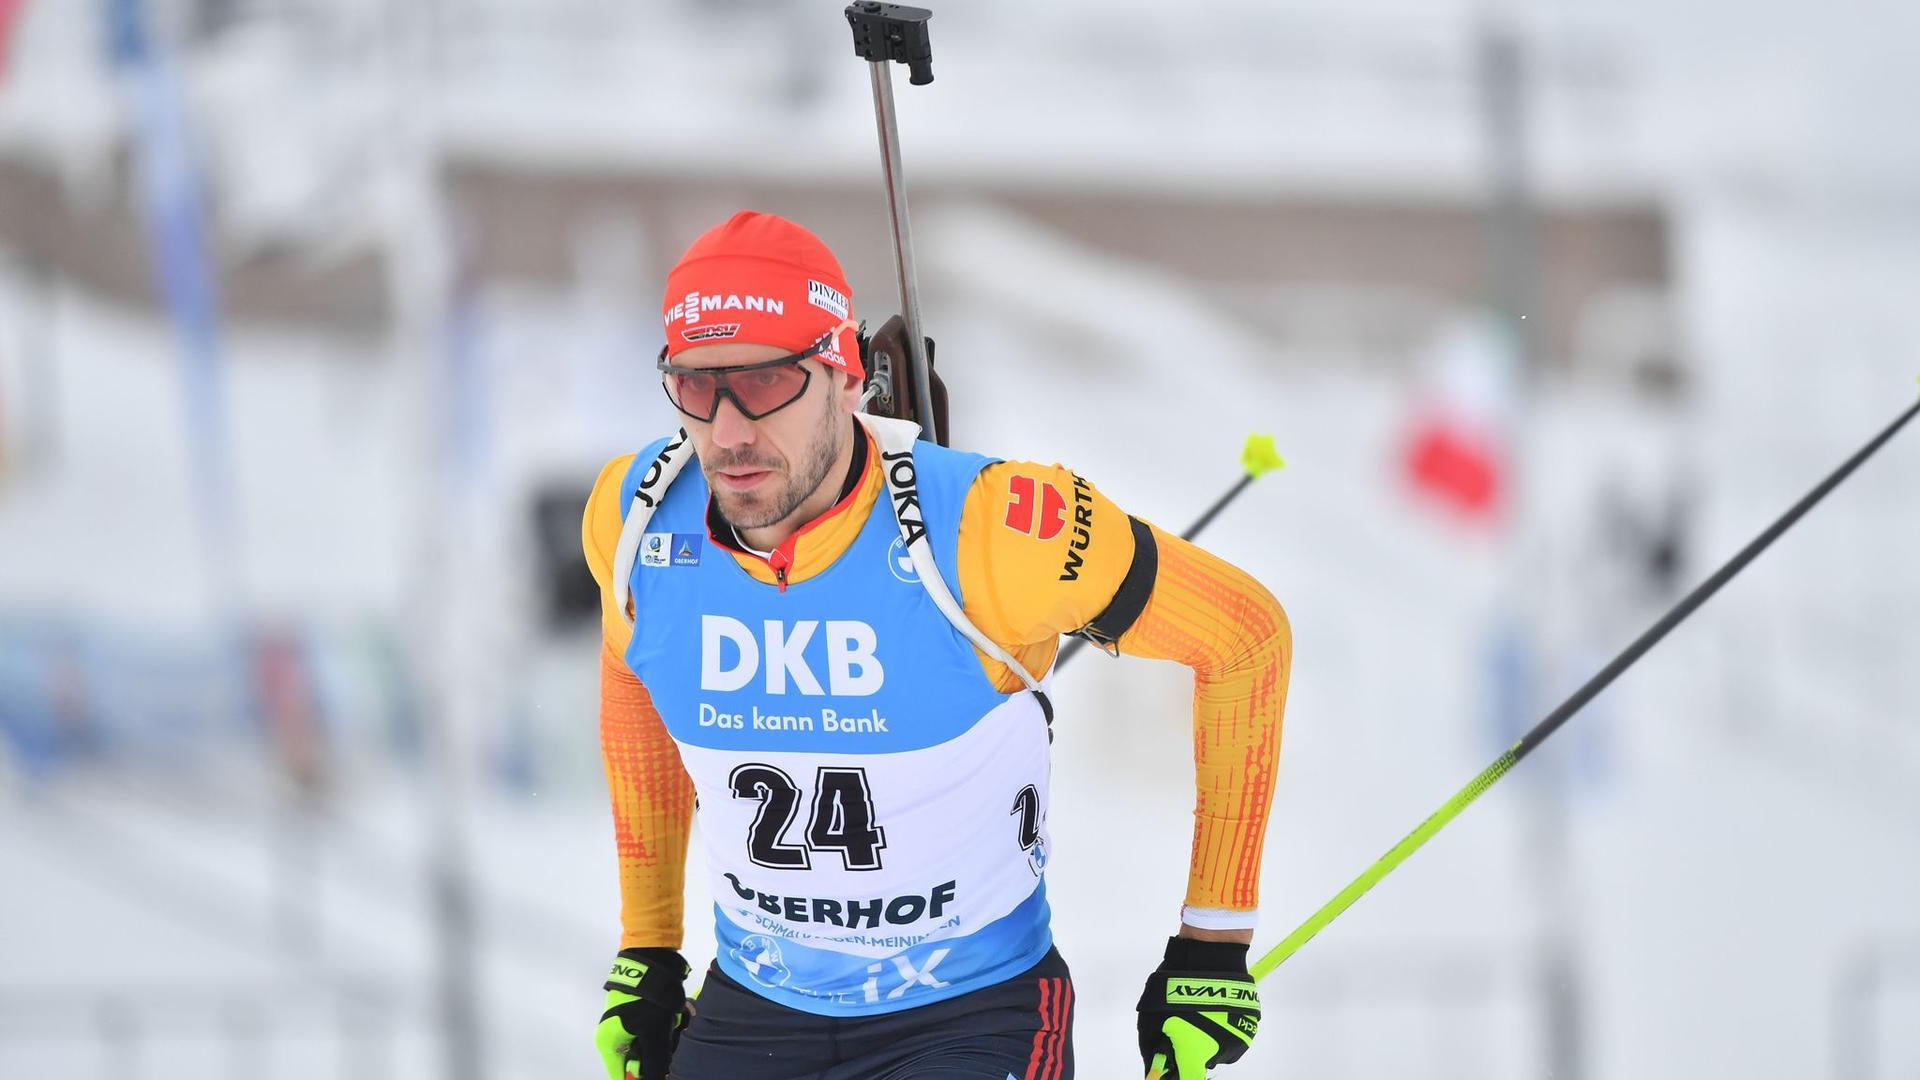 Arnd Peiffer sprintete in Oberhof auf Platz drei.